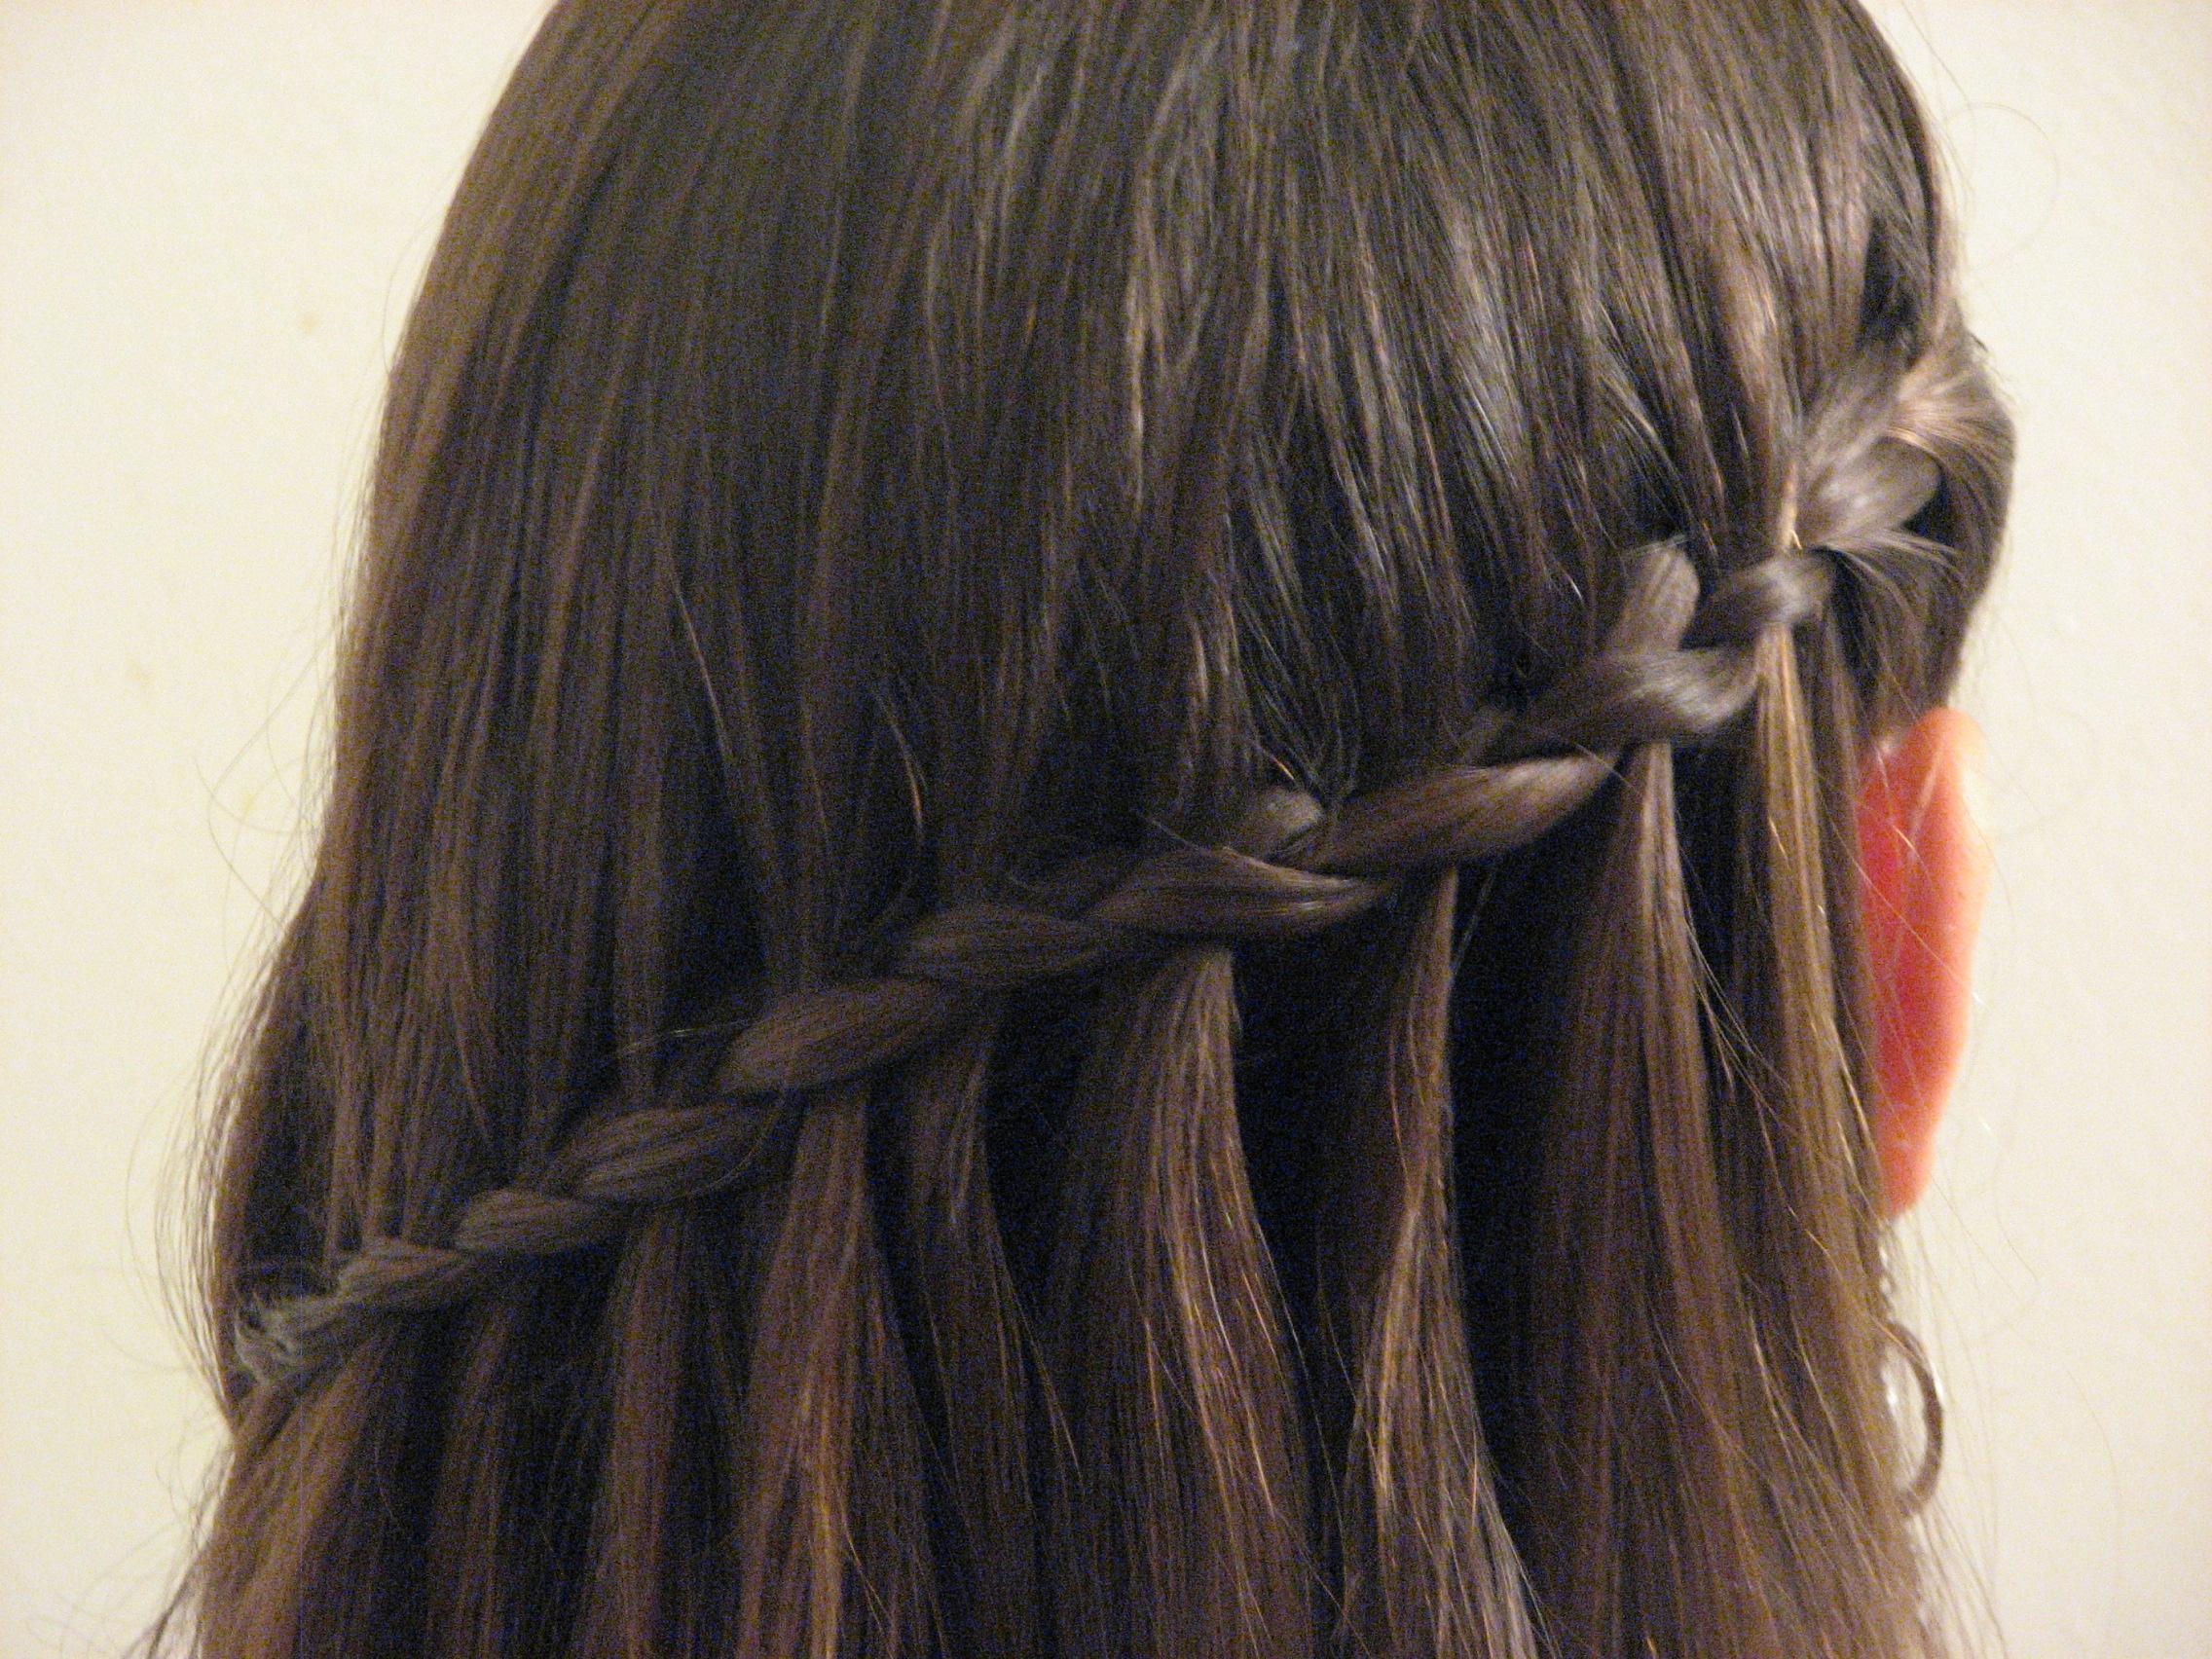 Hair Tutorial: Waterfall Braiding